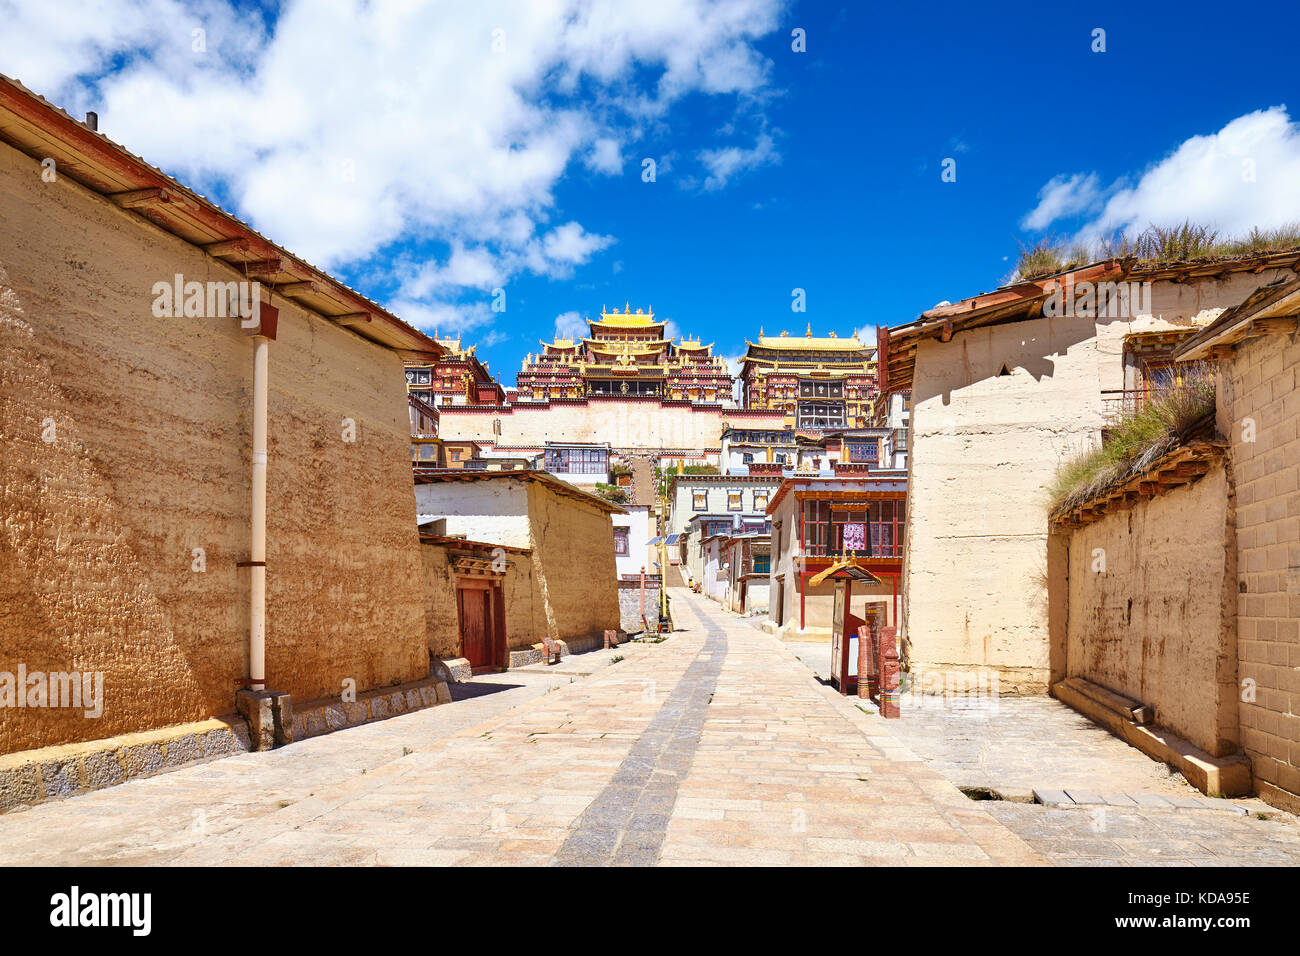 En la calle monasterio Songzanlin, también conocido como sungtseling ganden sumtsenling o poco Palacio Potala, Imagen De Stock